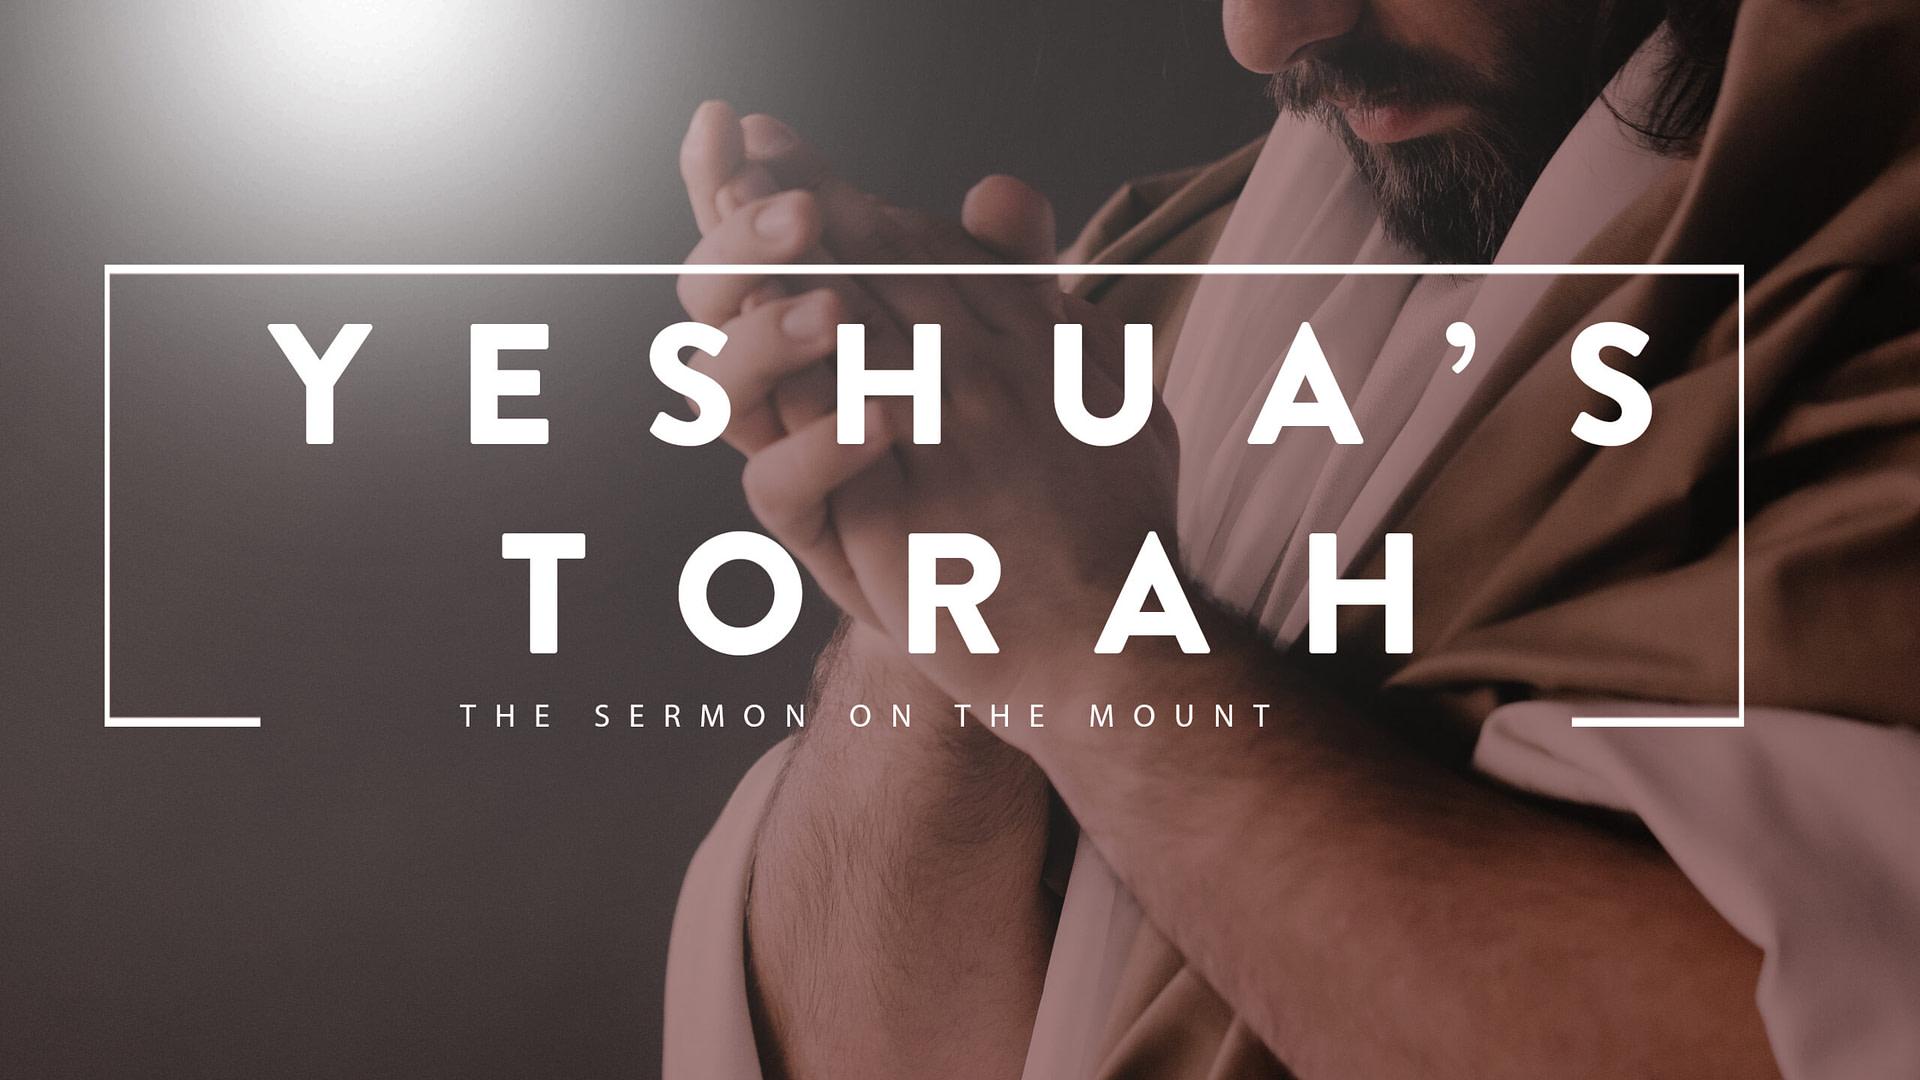 Yeshua's Torah